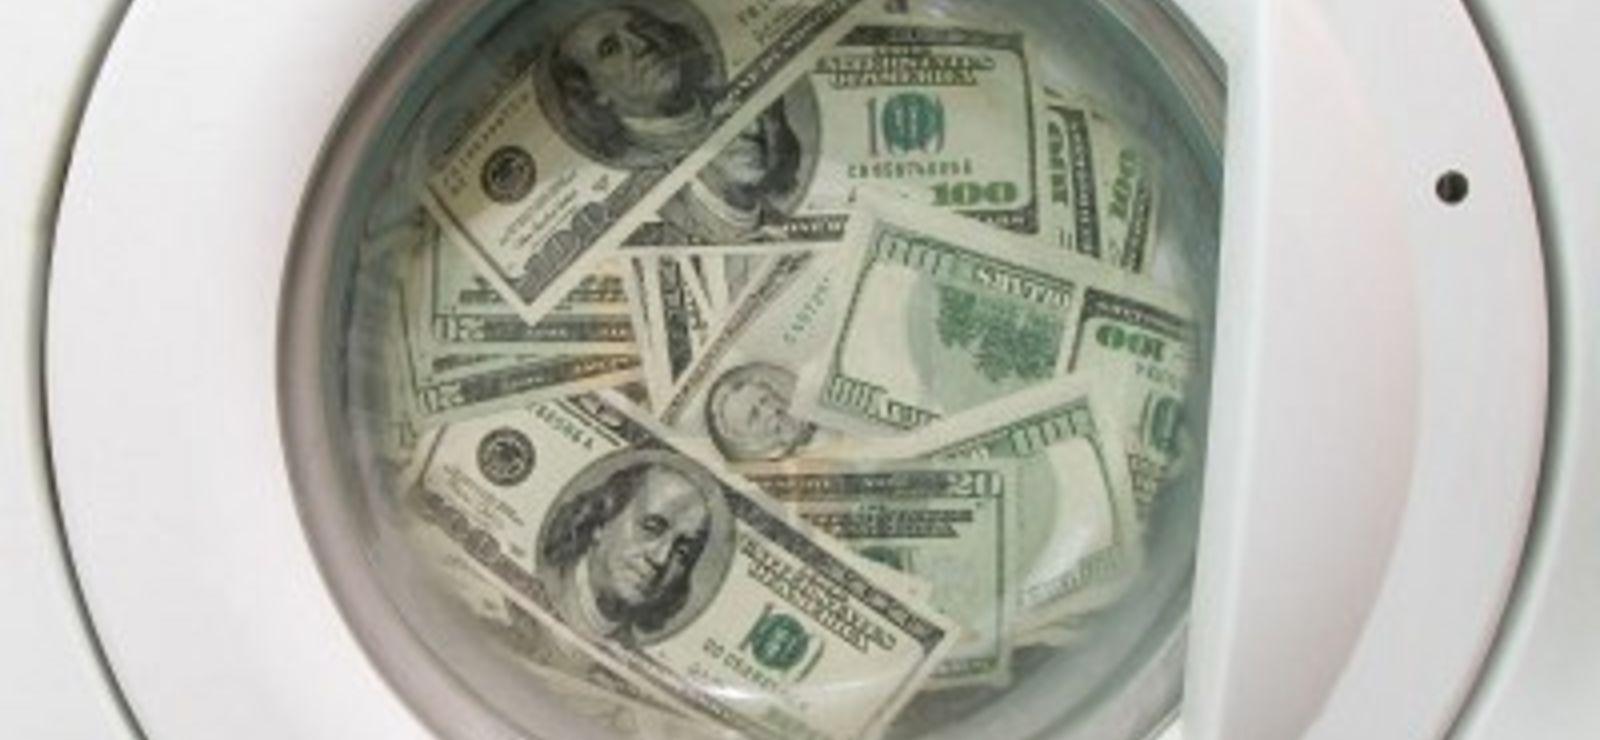 Blanchiment d'argent : le gouvernement pas pressé de récupérer 220 milliards d'euros…